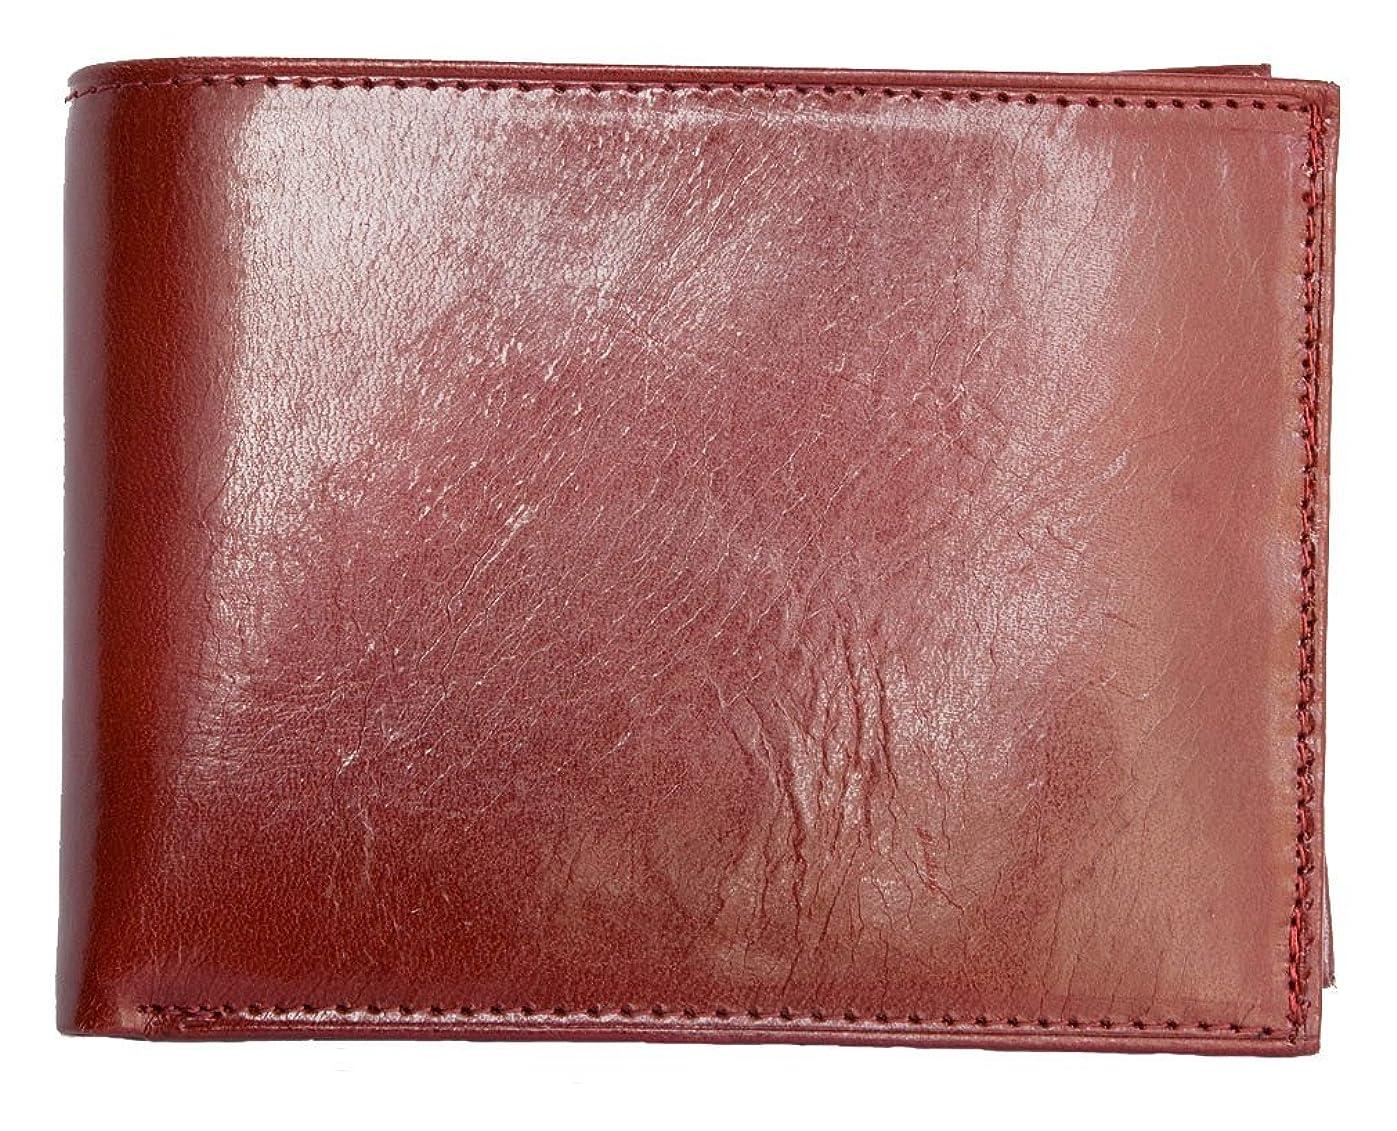 サロンクール形状メンズイタリアレッド光沢本革財布